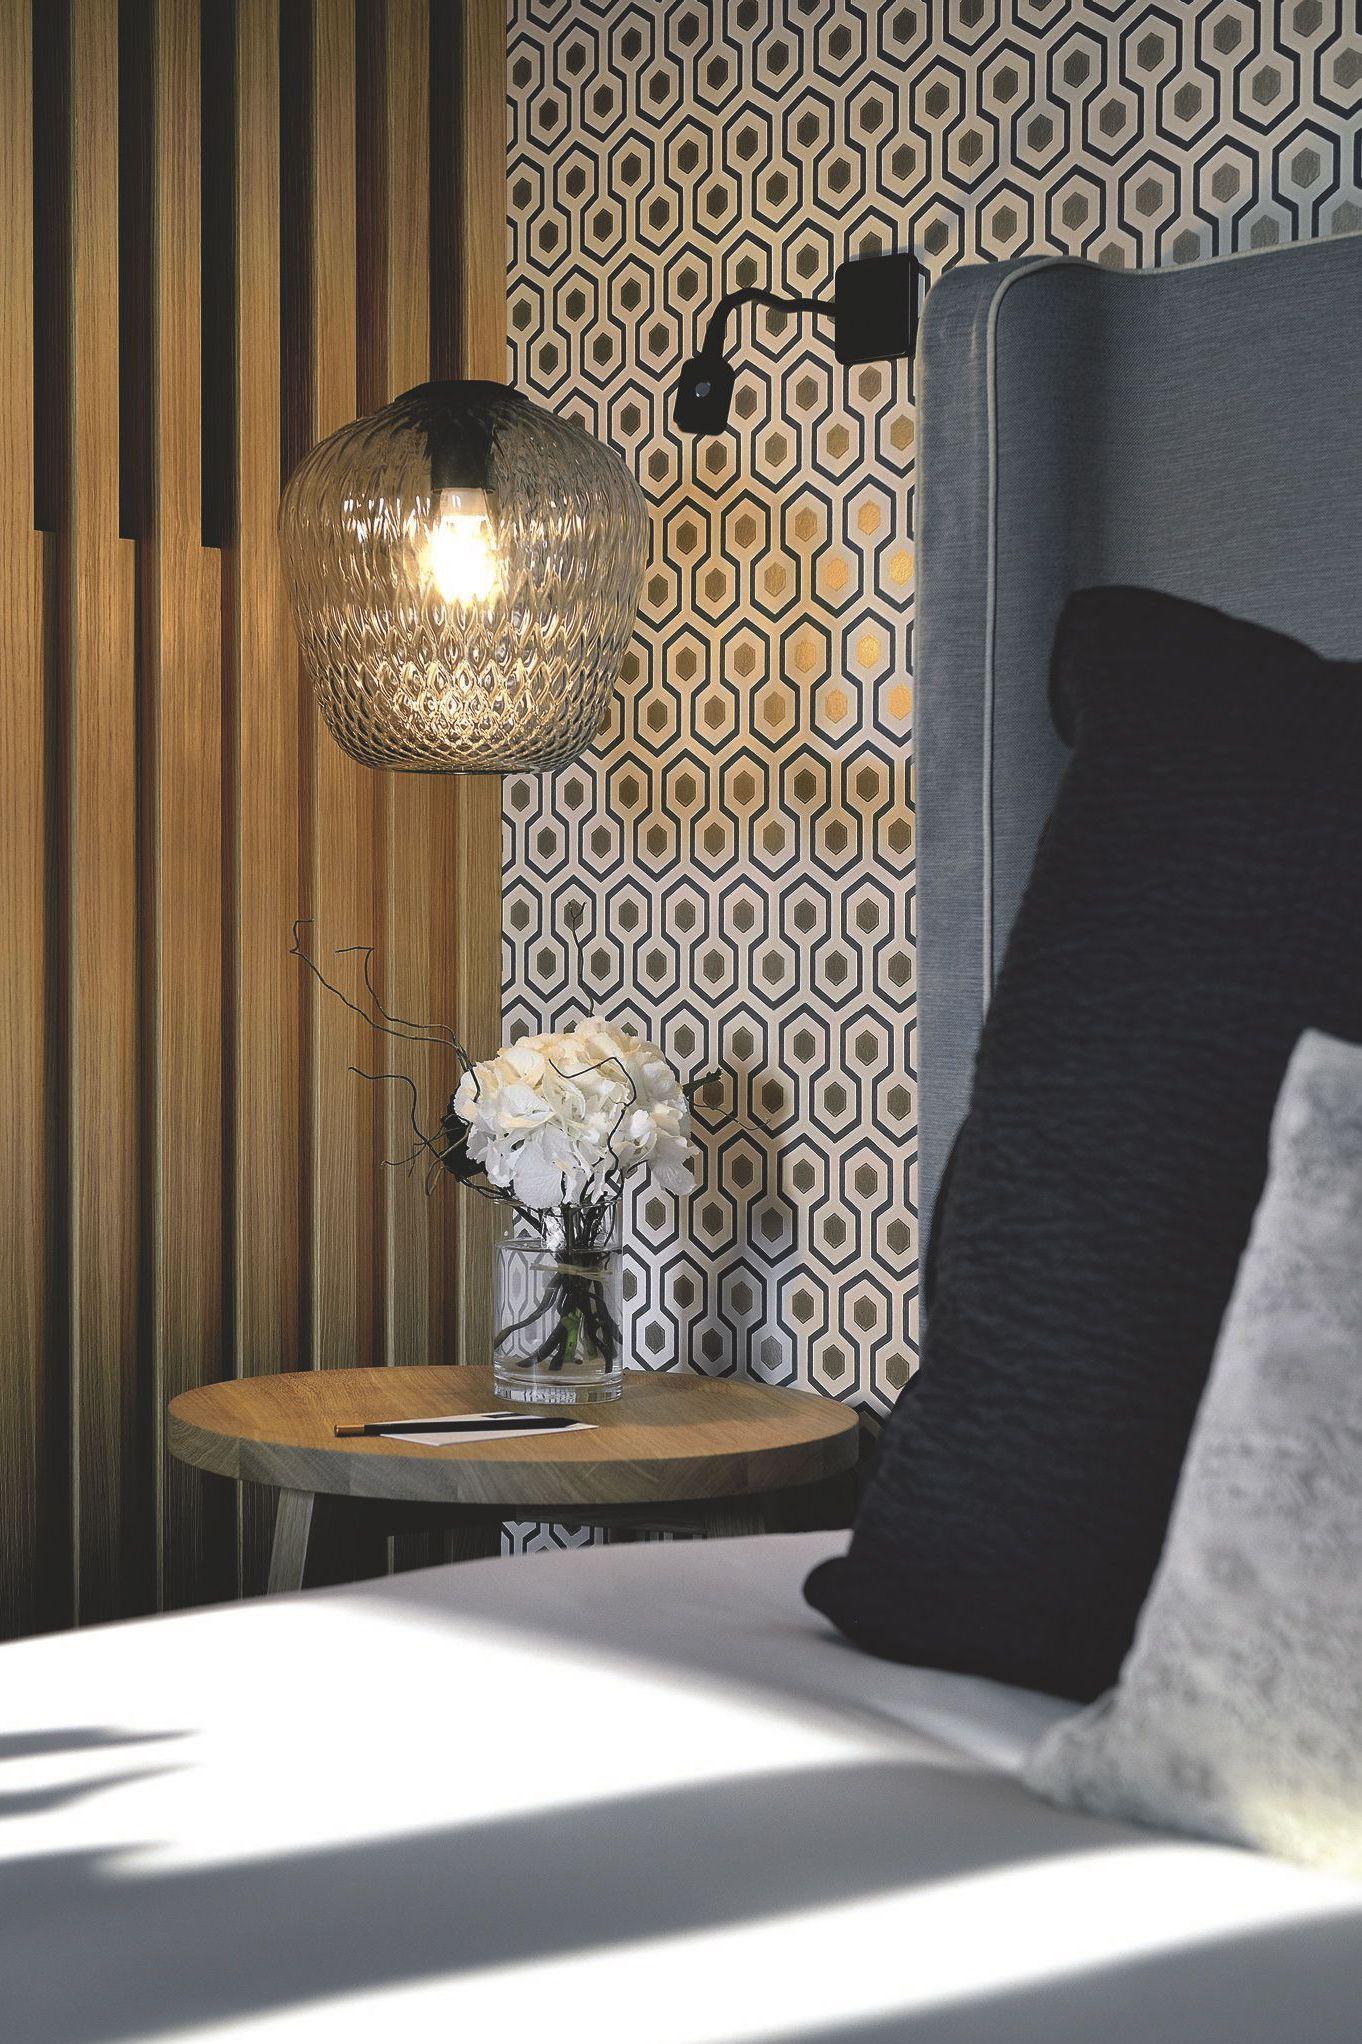 Meuble Accessoire Et Luminaire Deco Style Cote Ouest Deco Chambre Deco Chambre Hotel Decoration Chambre